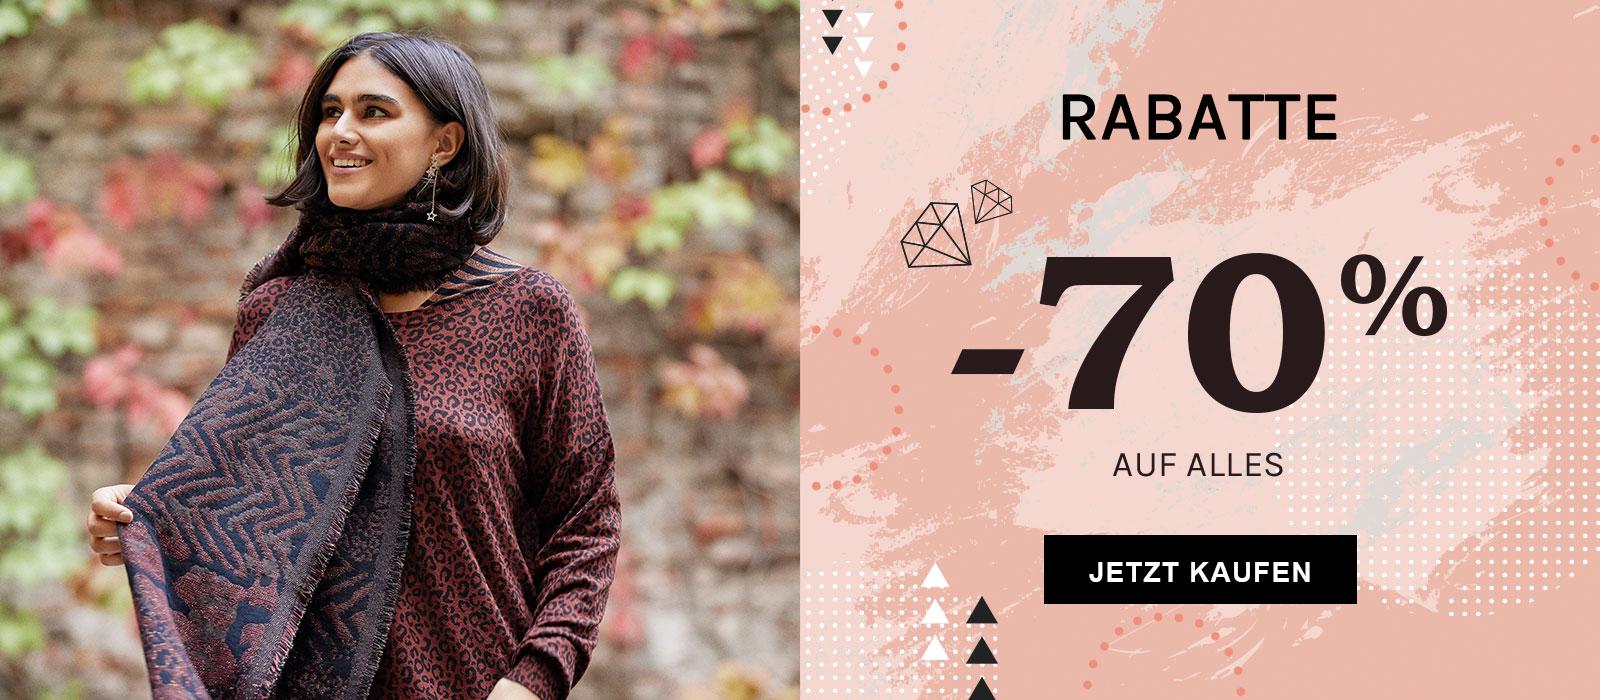 Fiorella Rubino Rabatte: -70%